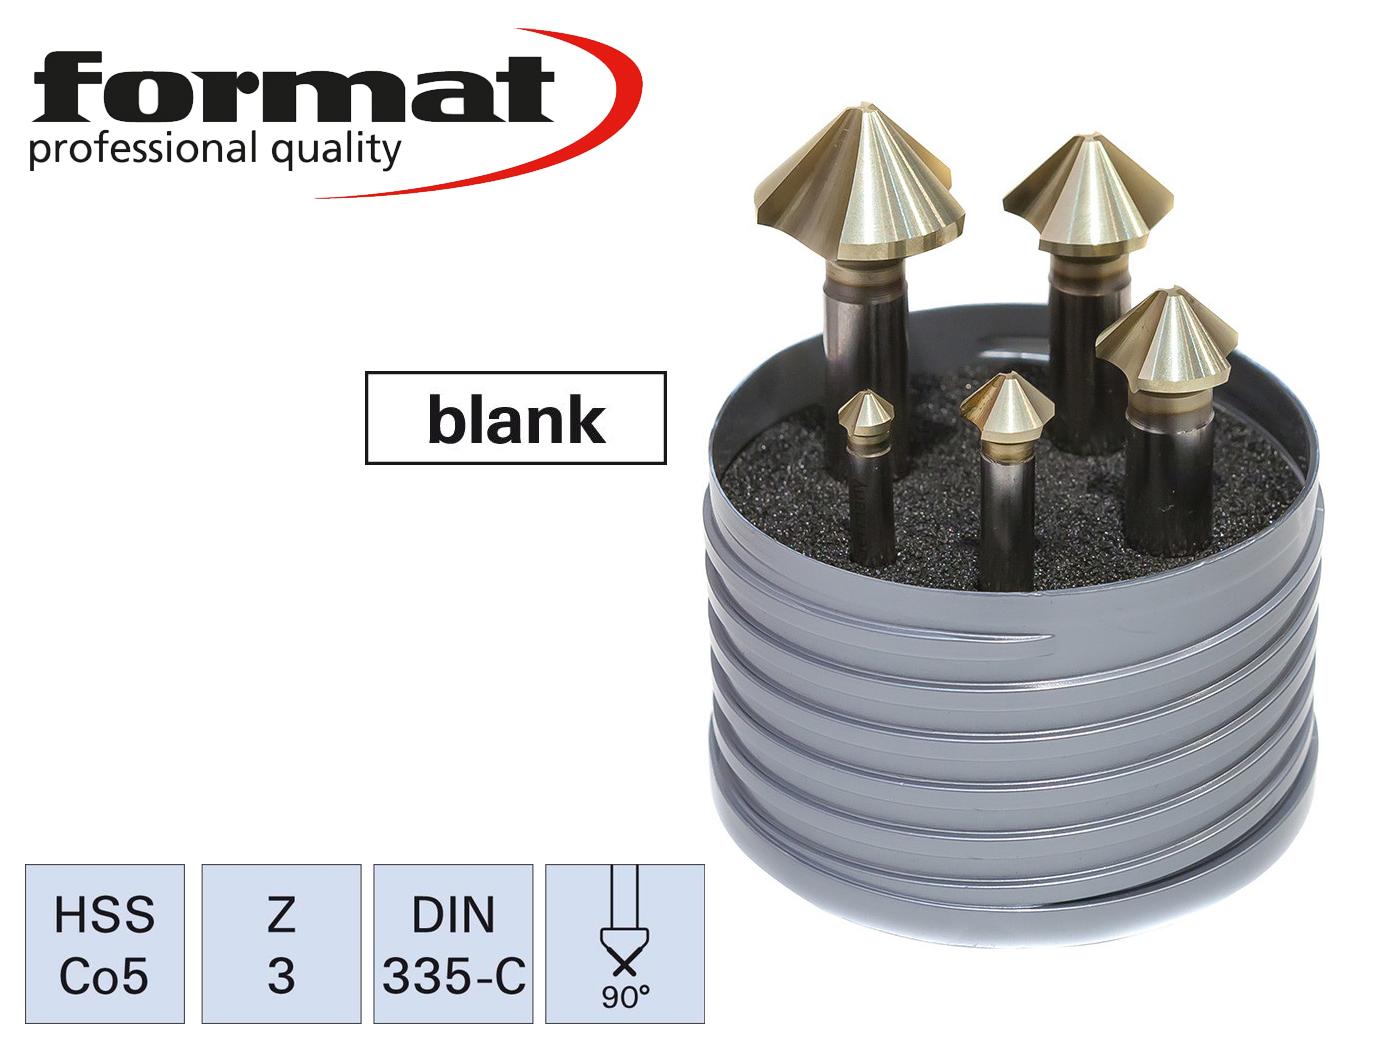 verzinkboor ongelijk verdeeld set DIN335 C 90G   DKMTools - DKM Tools